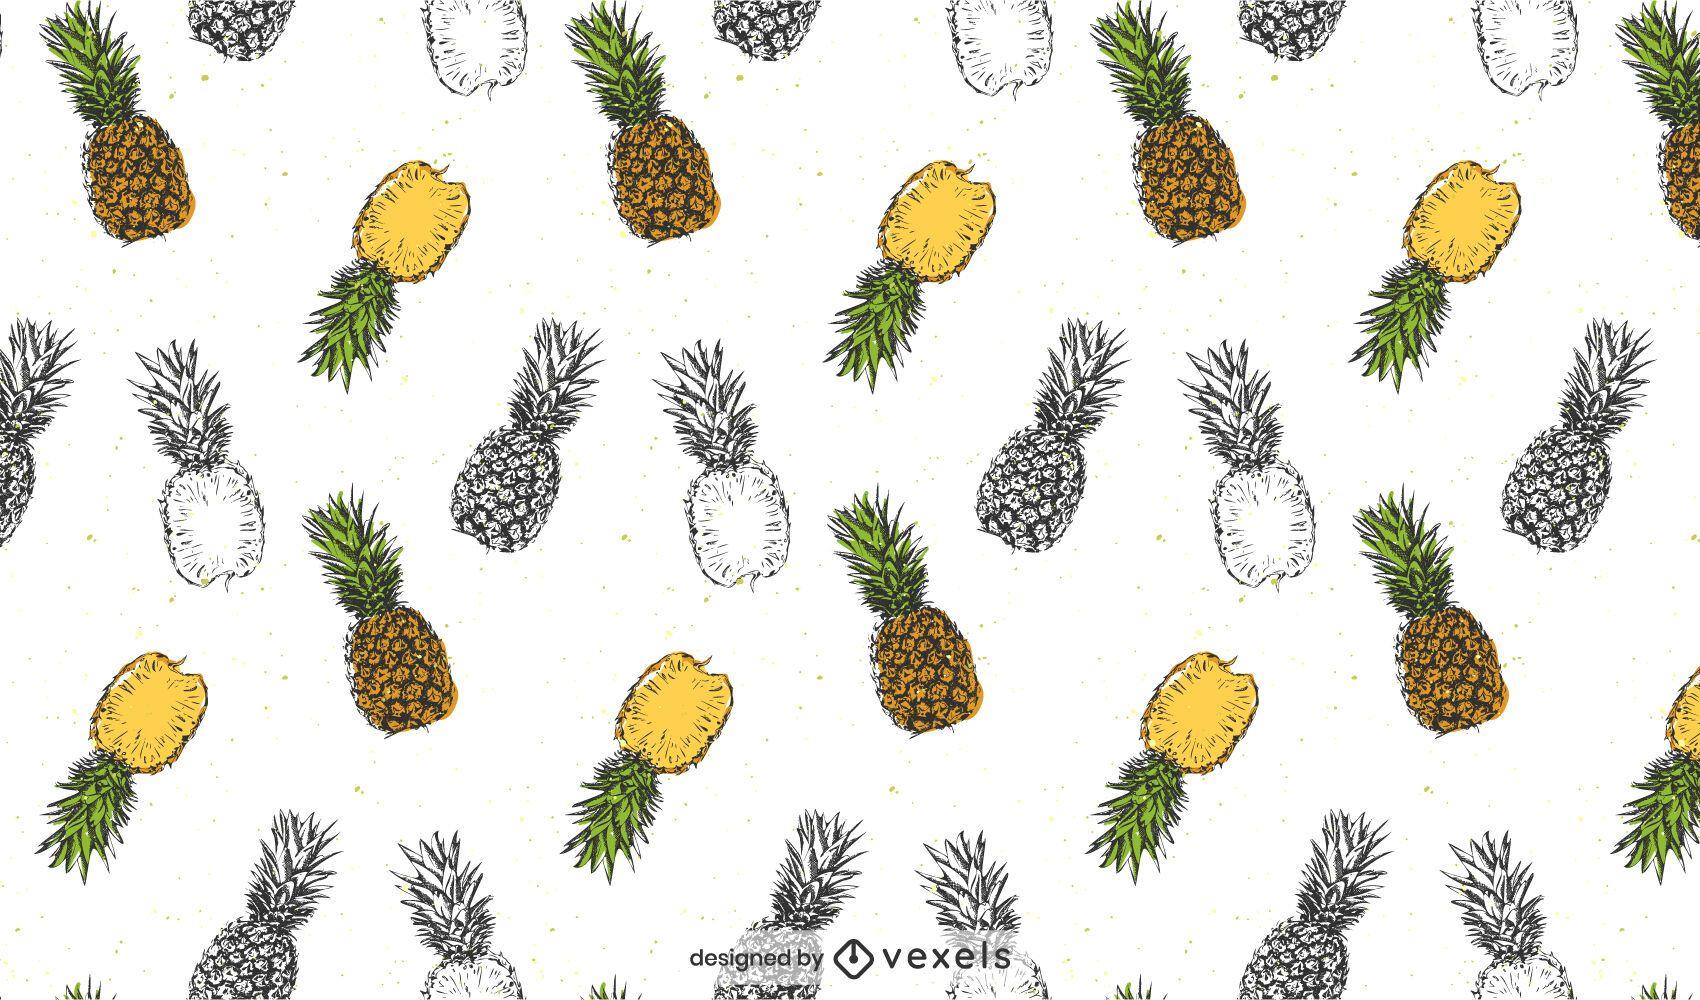 Diseño de patrón de piñas realista